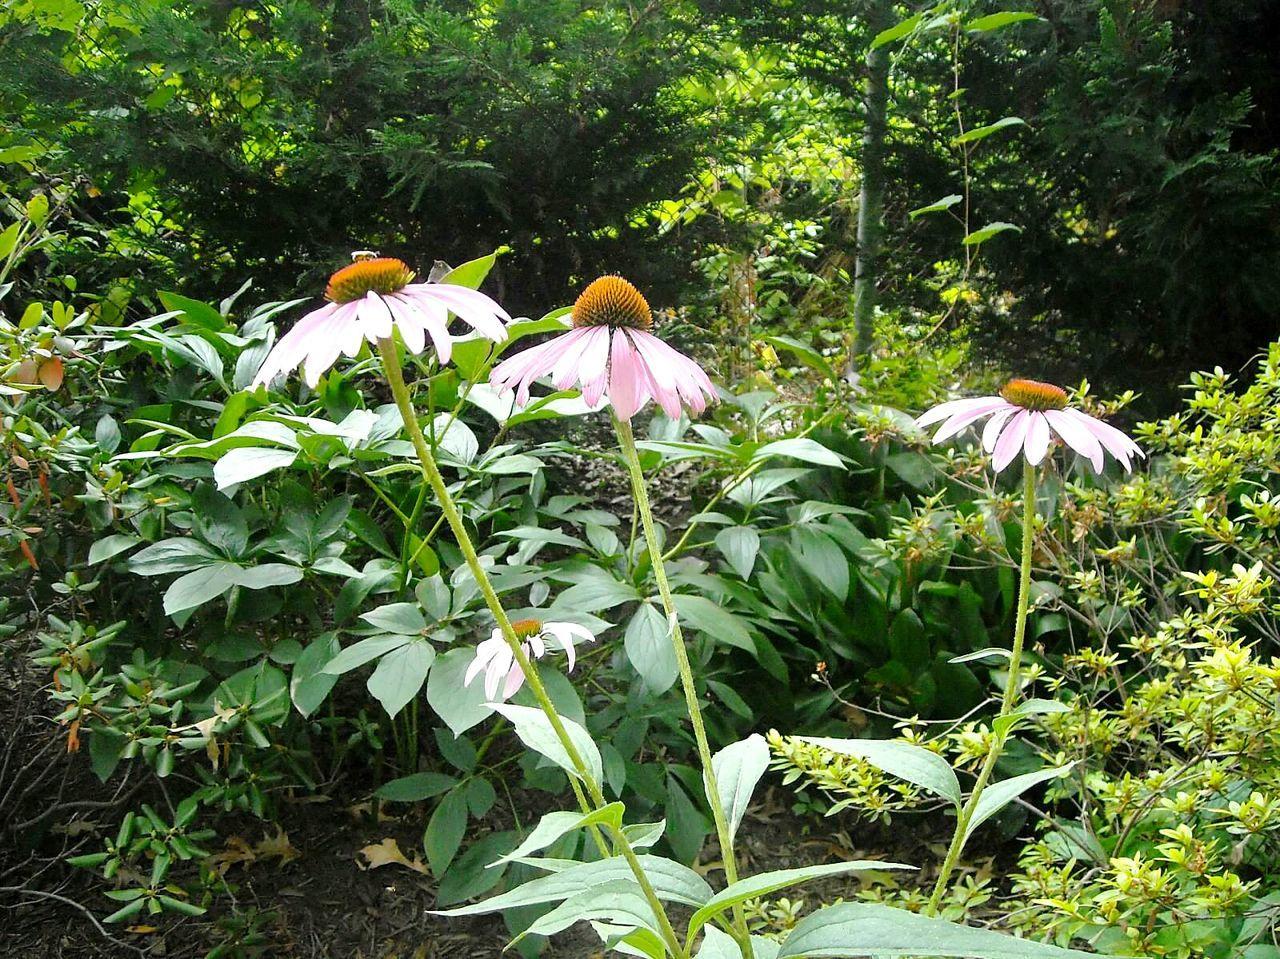 3 Pink Flowers Flowers Pink Pinkflowers Green Greenandpink Leaves 3flowers